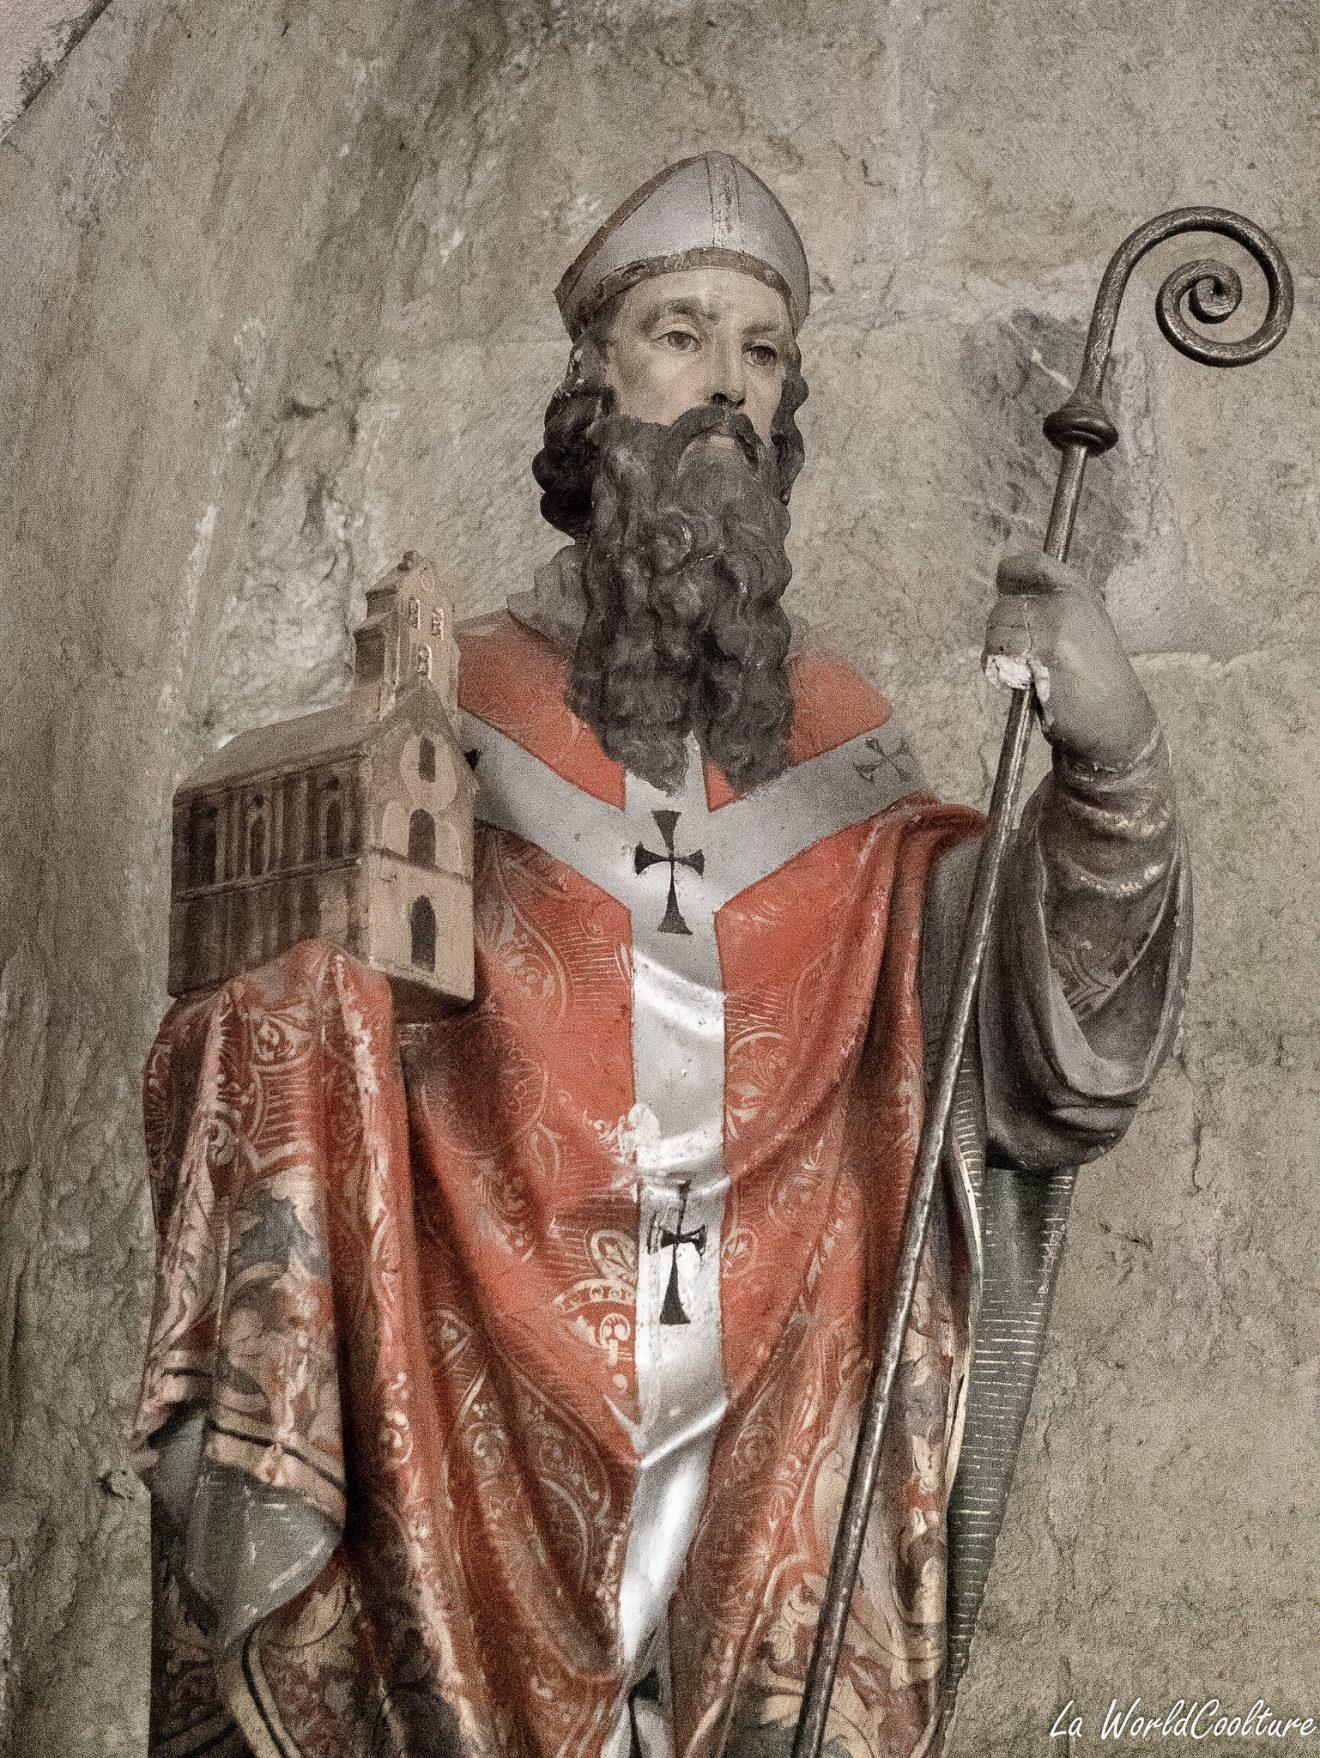 Visite insolite de la cathédrale de Saint-Bertrand